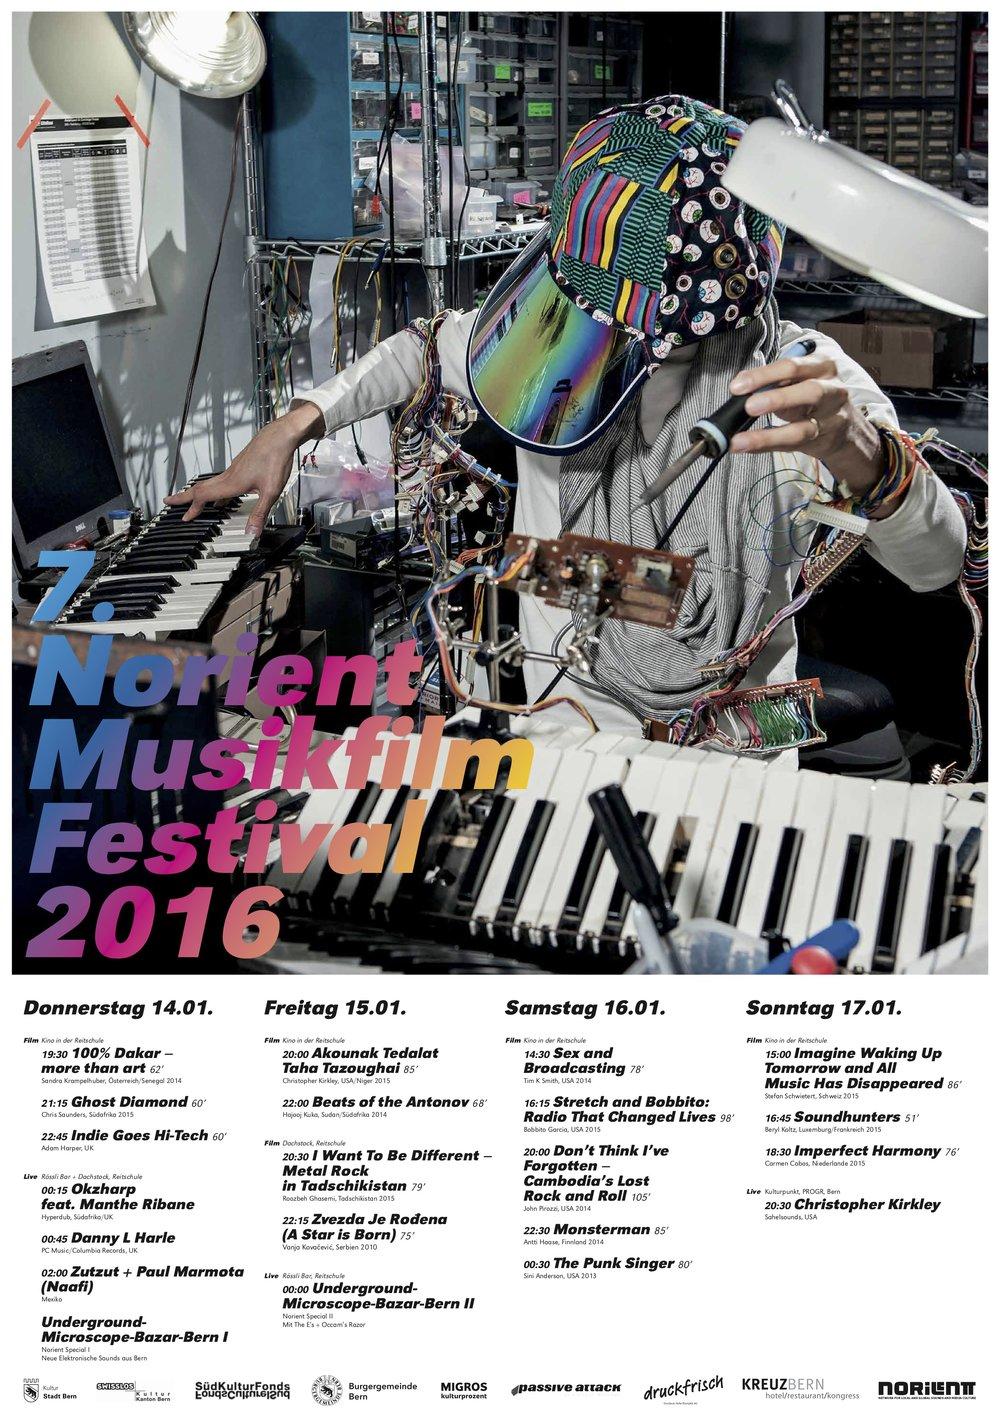 Download festival poster 2016 Art Design: Ben Aqua (USA) & Annegreth Schärli (SWitzerland)